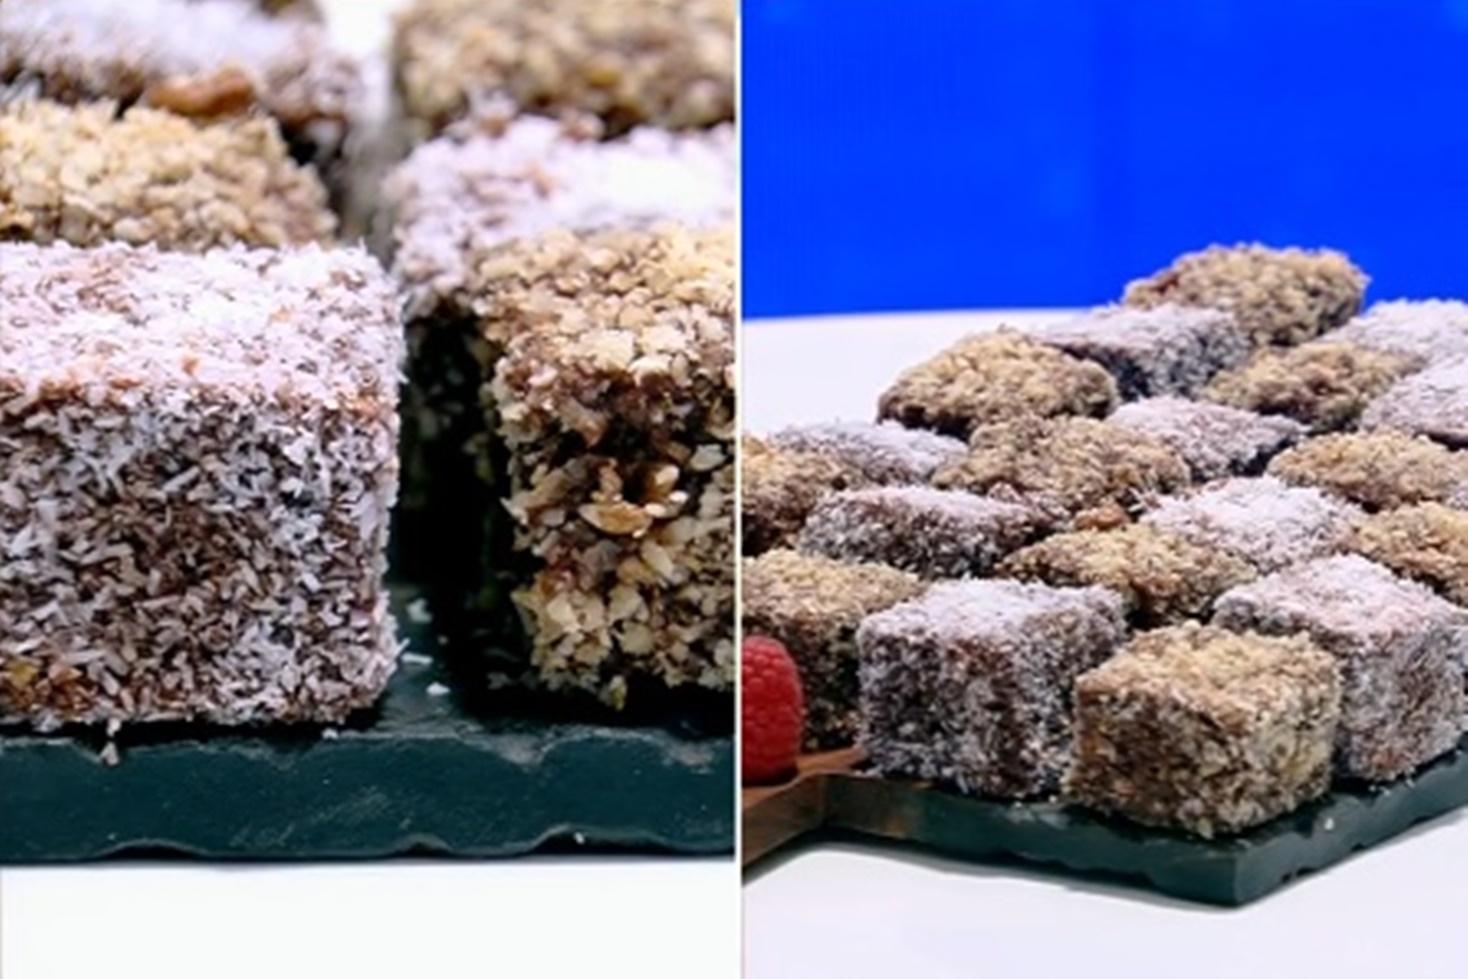 Rețetă de prăjitură tăvălită prin nucă și nucă de cocos, preparată de Vlăduț la Neatza cu Răzvan şi Dani